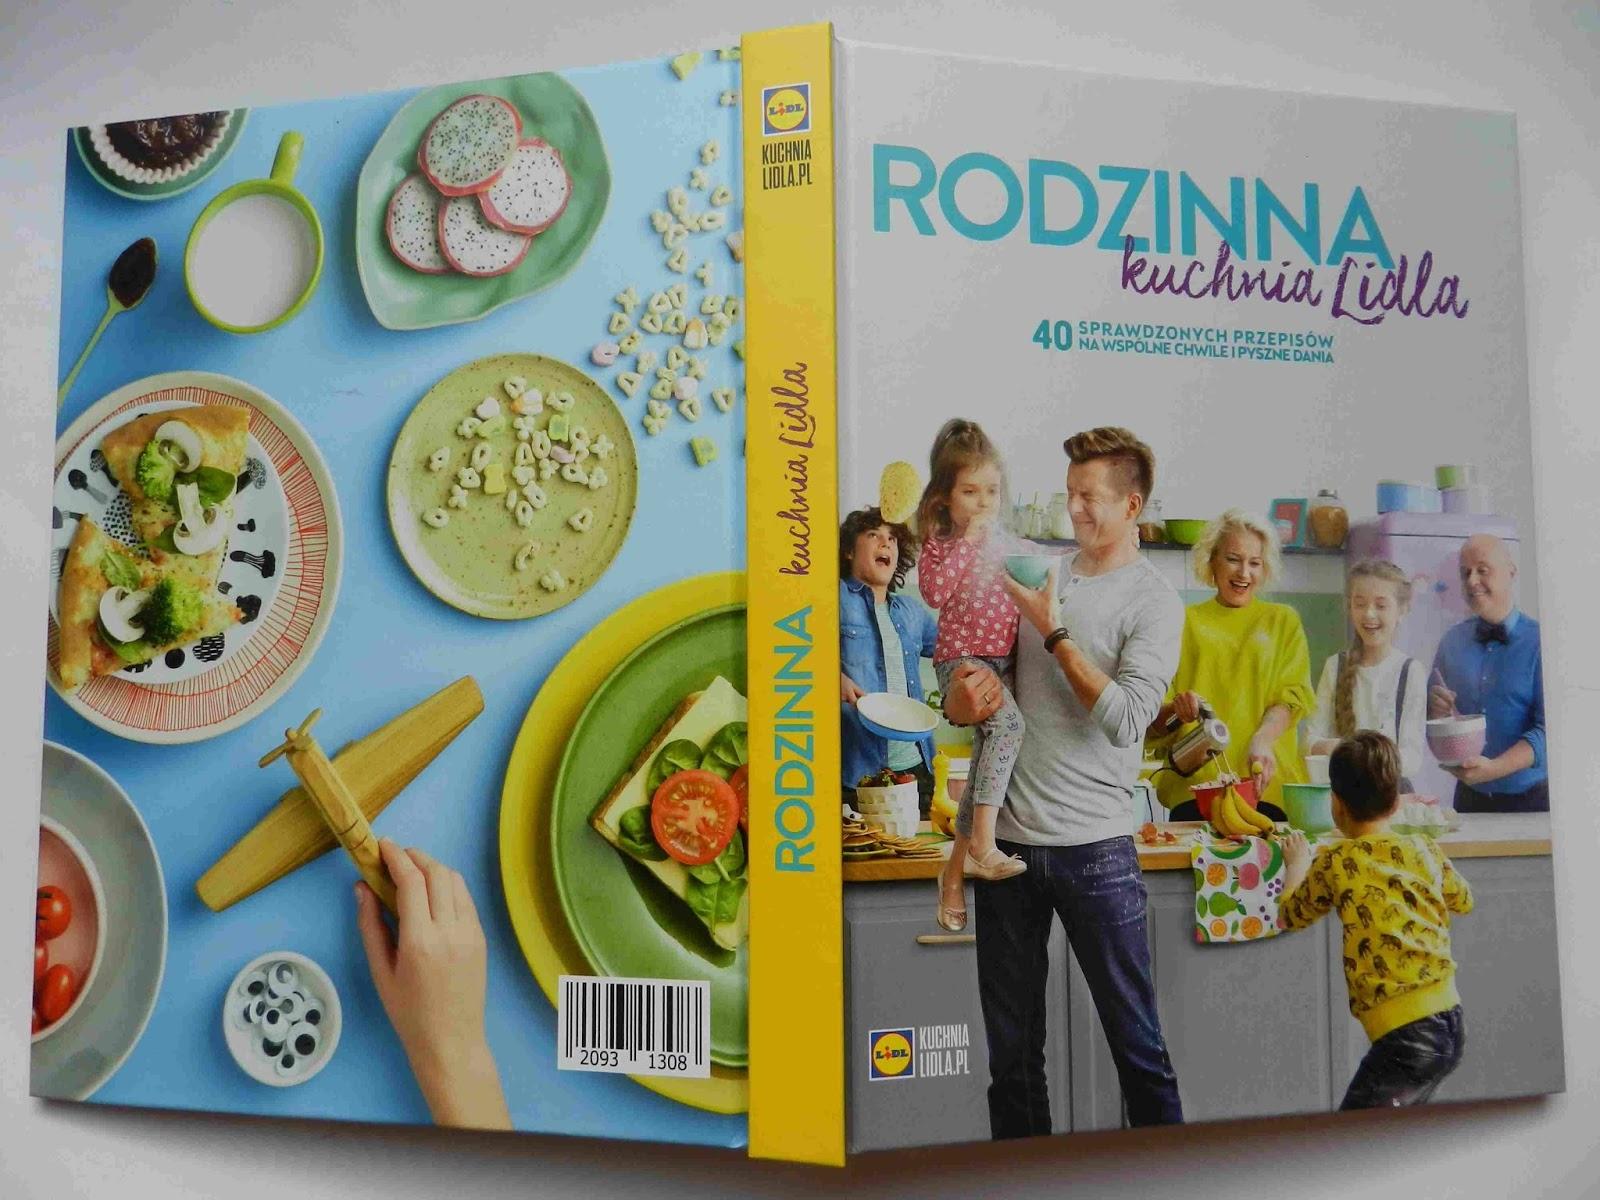 Rodzinna Kuchnia Lidla Promocja W Sklepie Dodatki W Kiosku 2